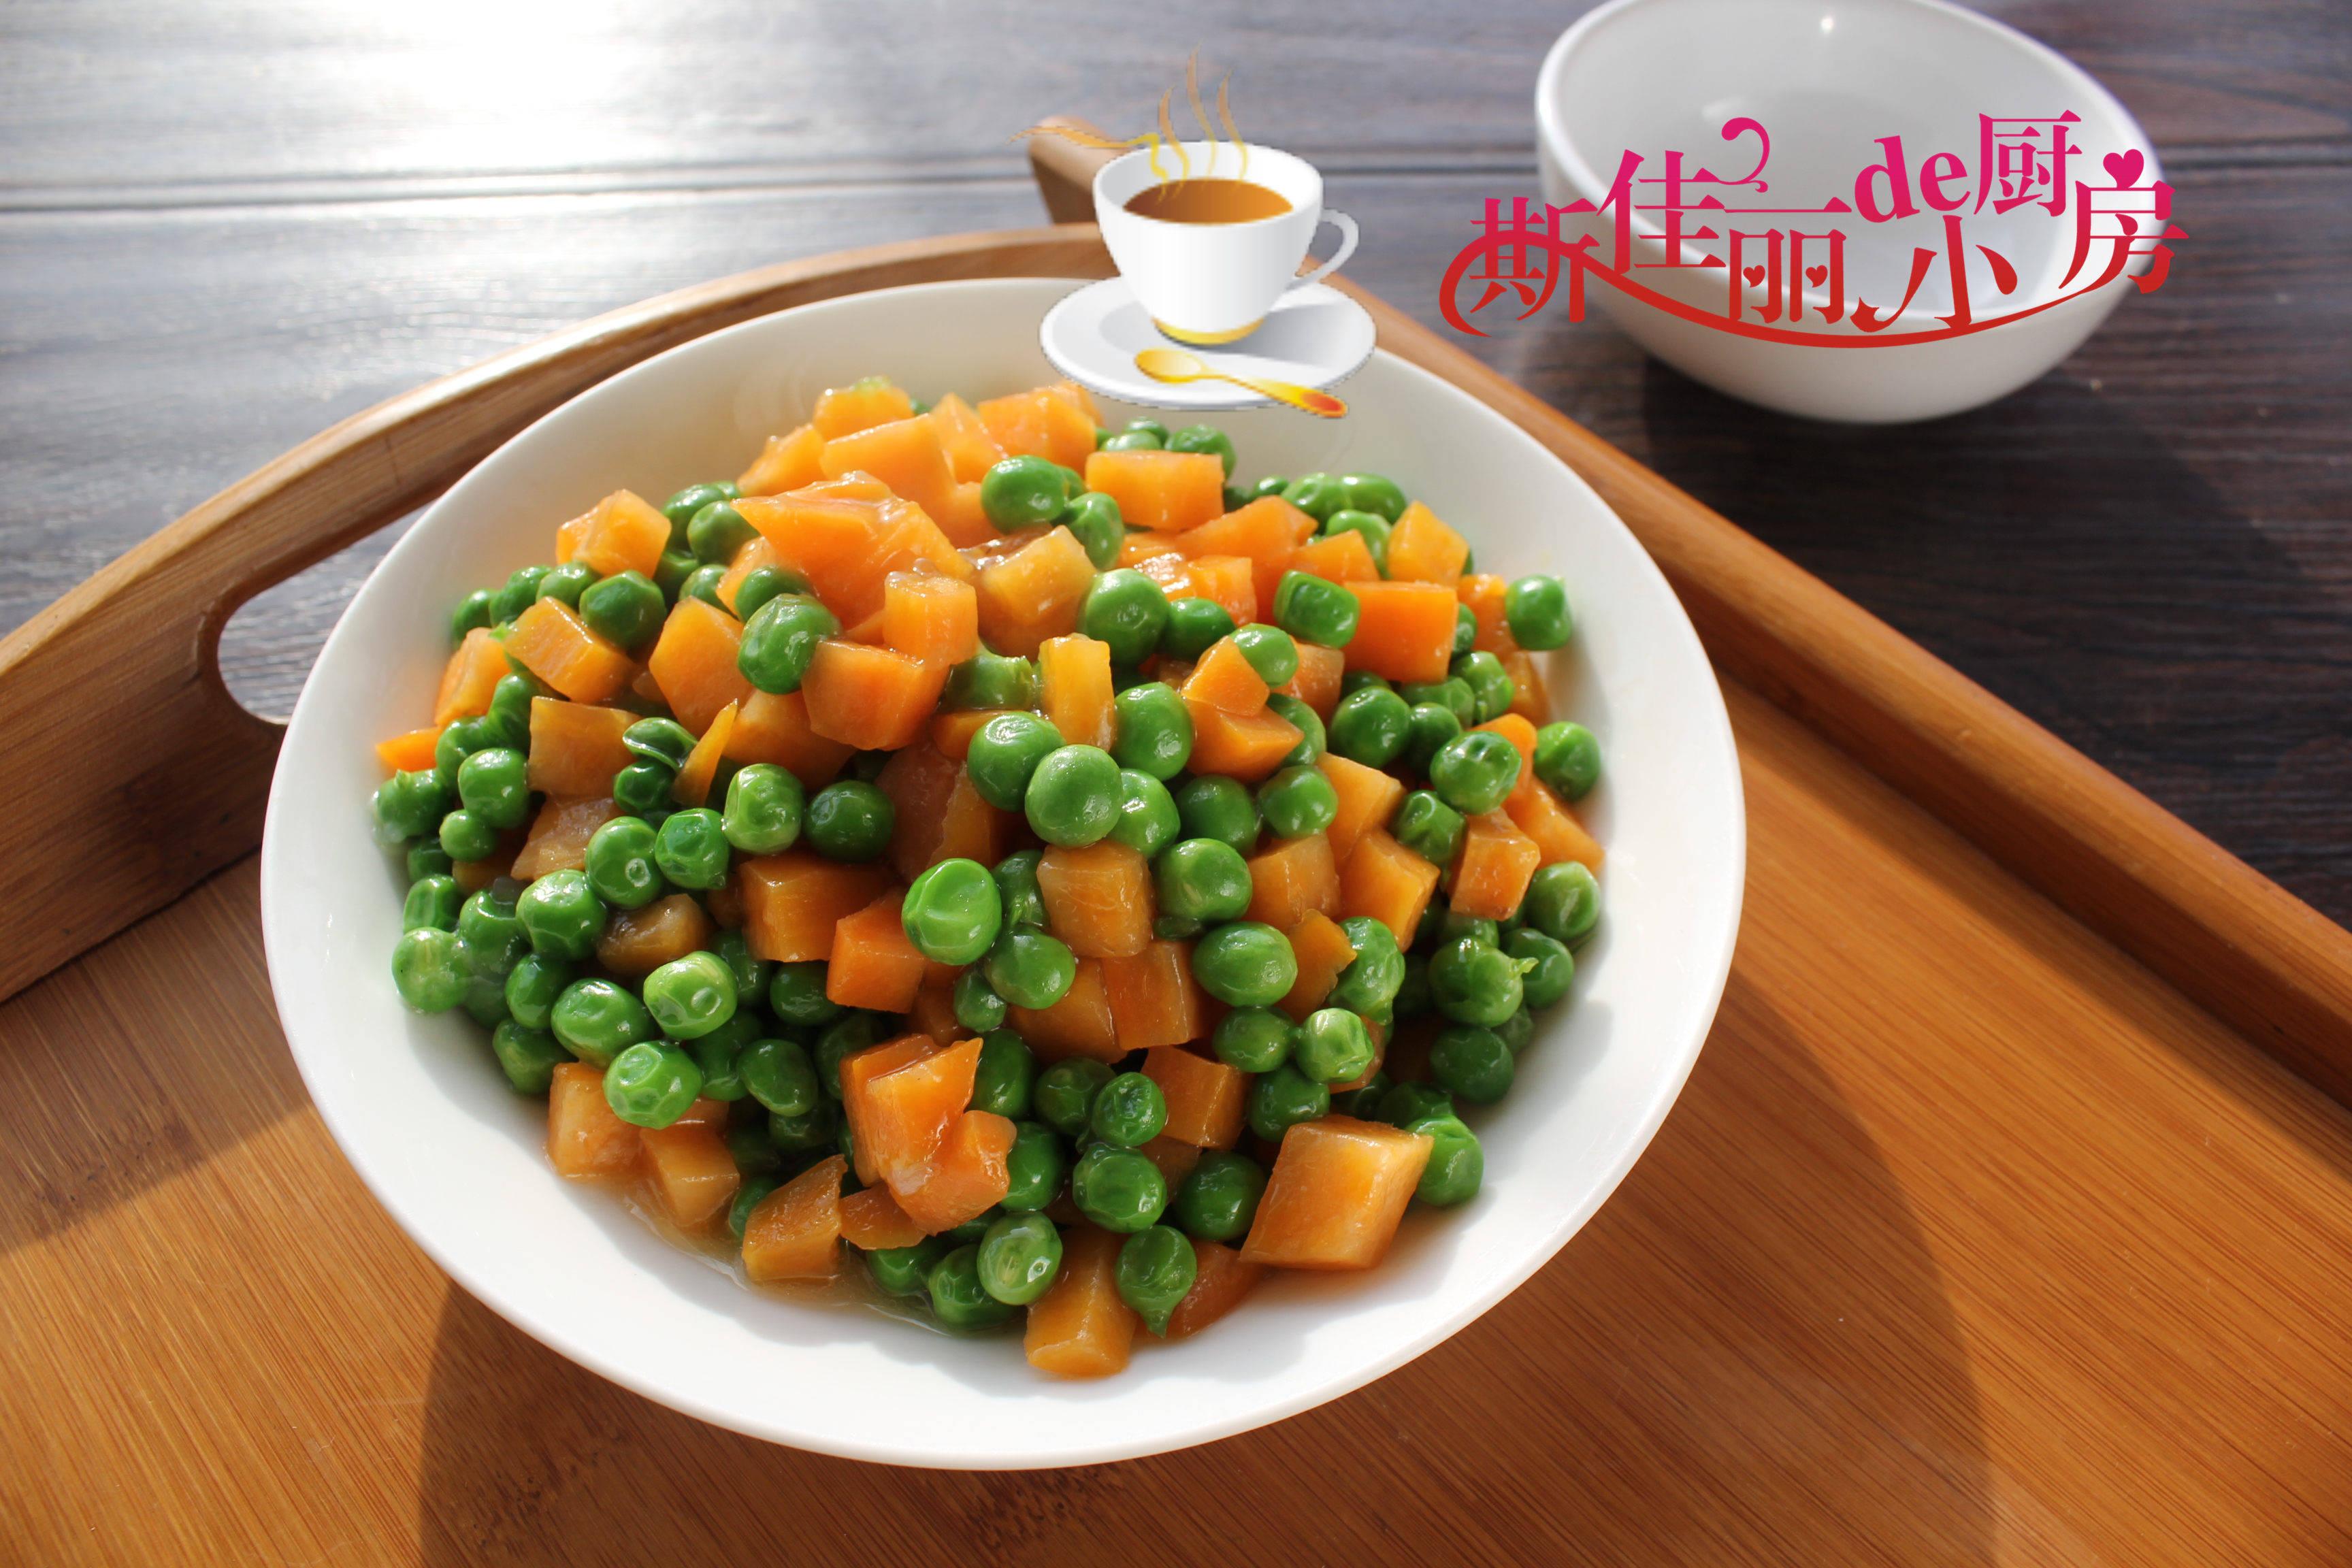 冬天萝卜土豆都靠边站,最该多吃的是,香甜软糯,营养低脂又饱腹